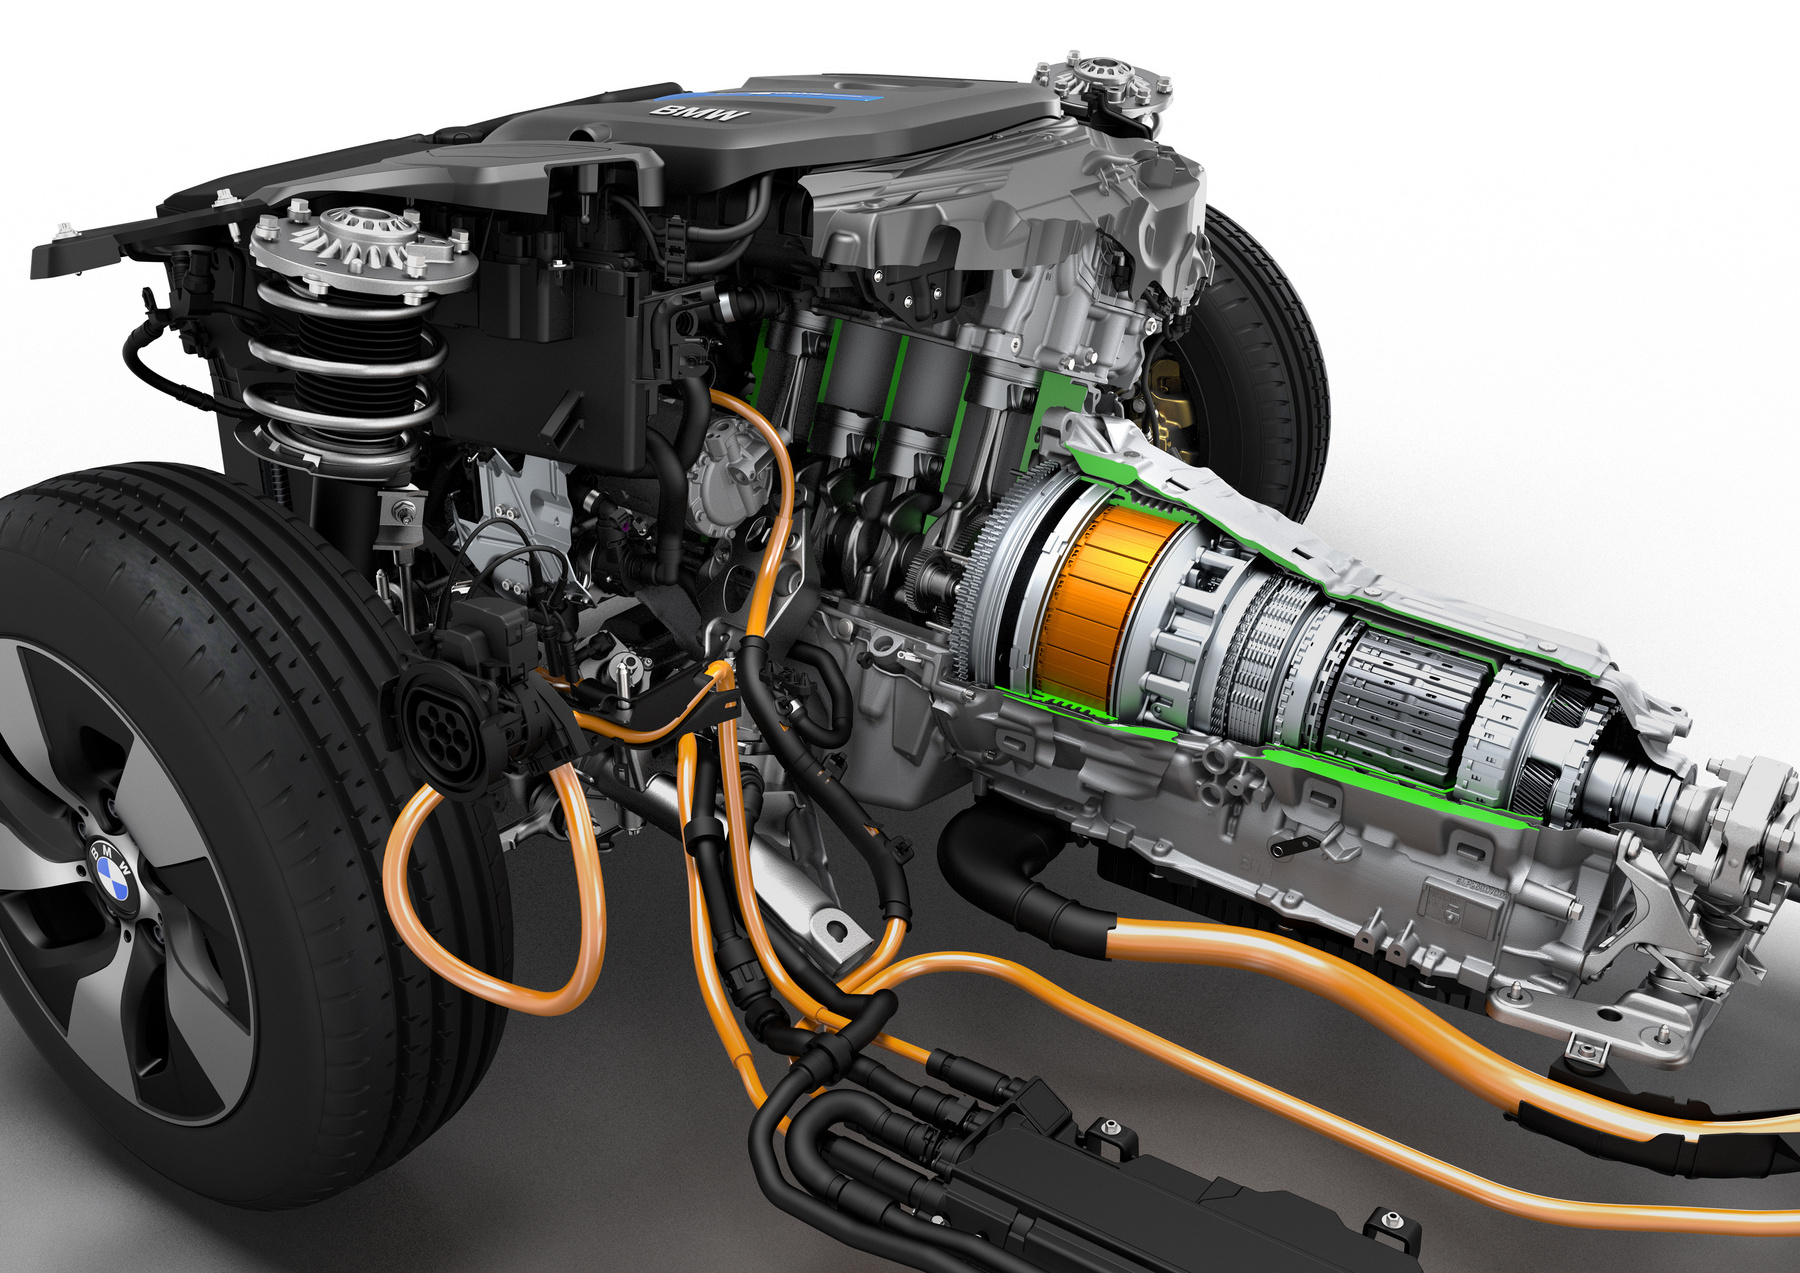 Így néz ki a Kia EV6 hátsó hajtása az elektromotorral és az erőátvitellel. A GT kivitelében valószínűleg van váltó